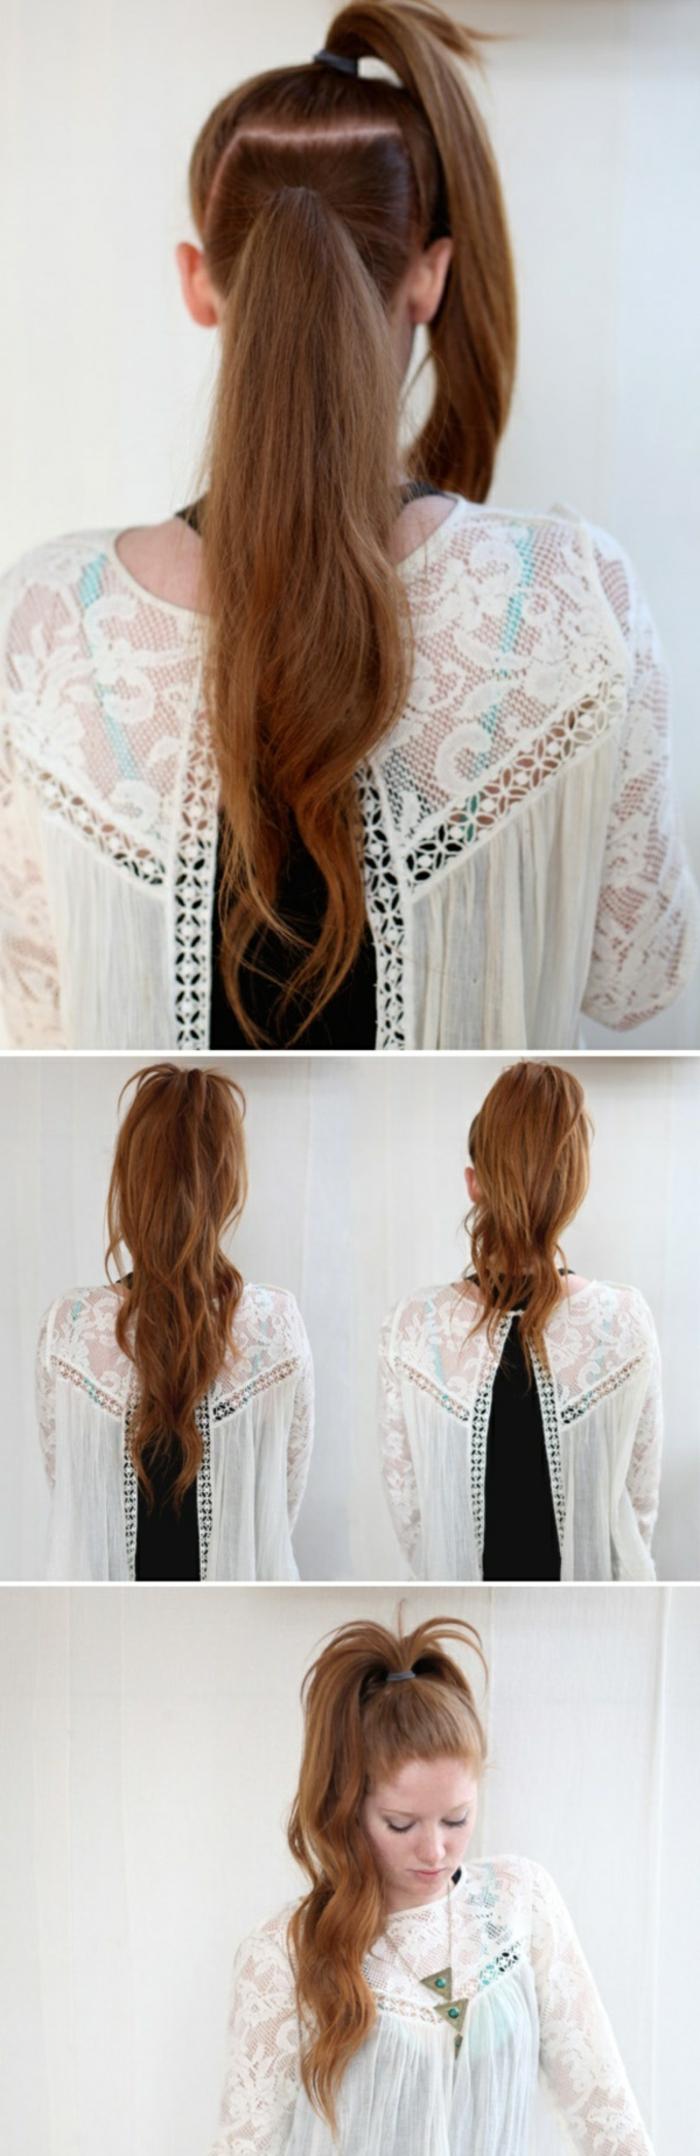 ein Mädchen mit rotem Haar, schöne Frisuren für lange Haare, vier Fotos von der Frisur